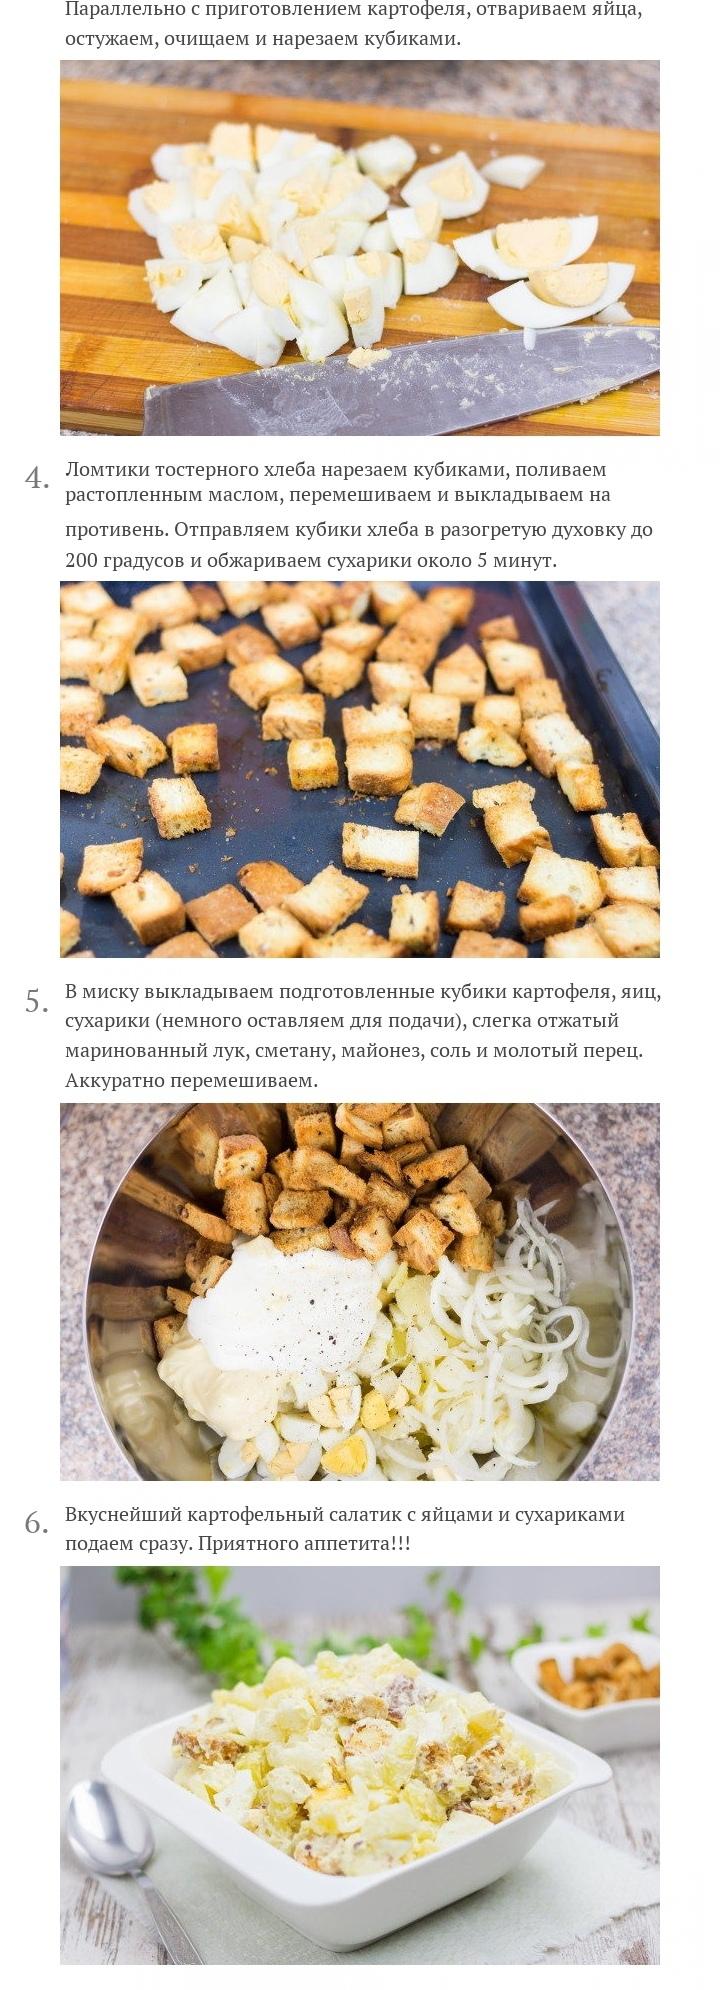 Картофельный салат с яйцами и сухариками, изображение №3